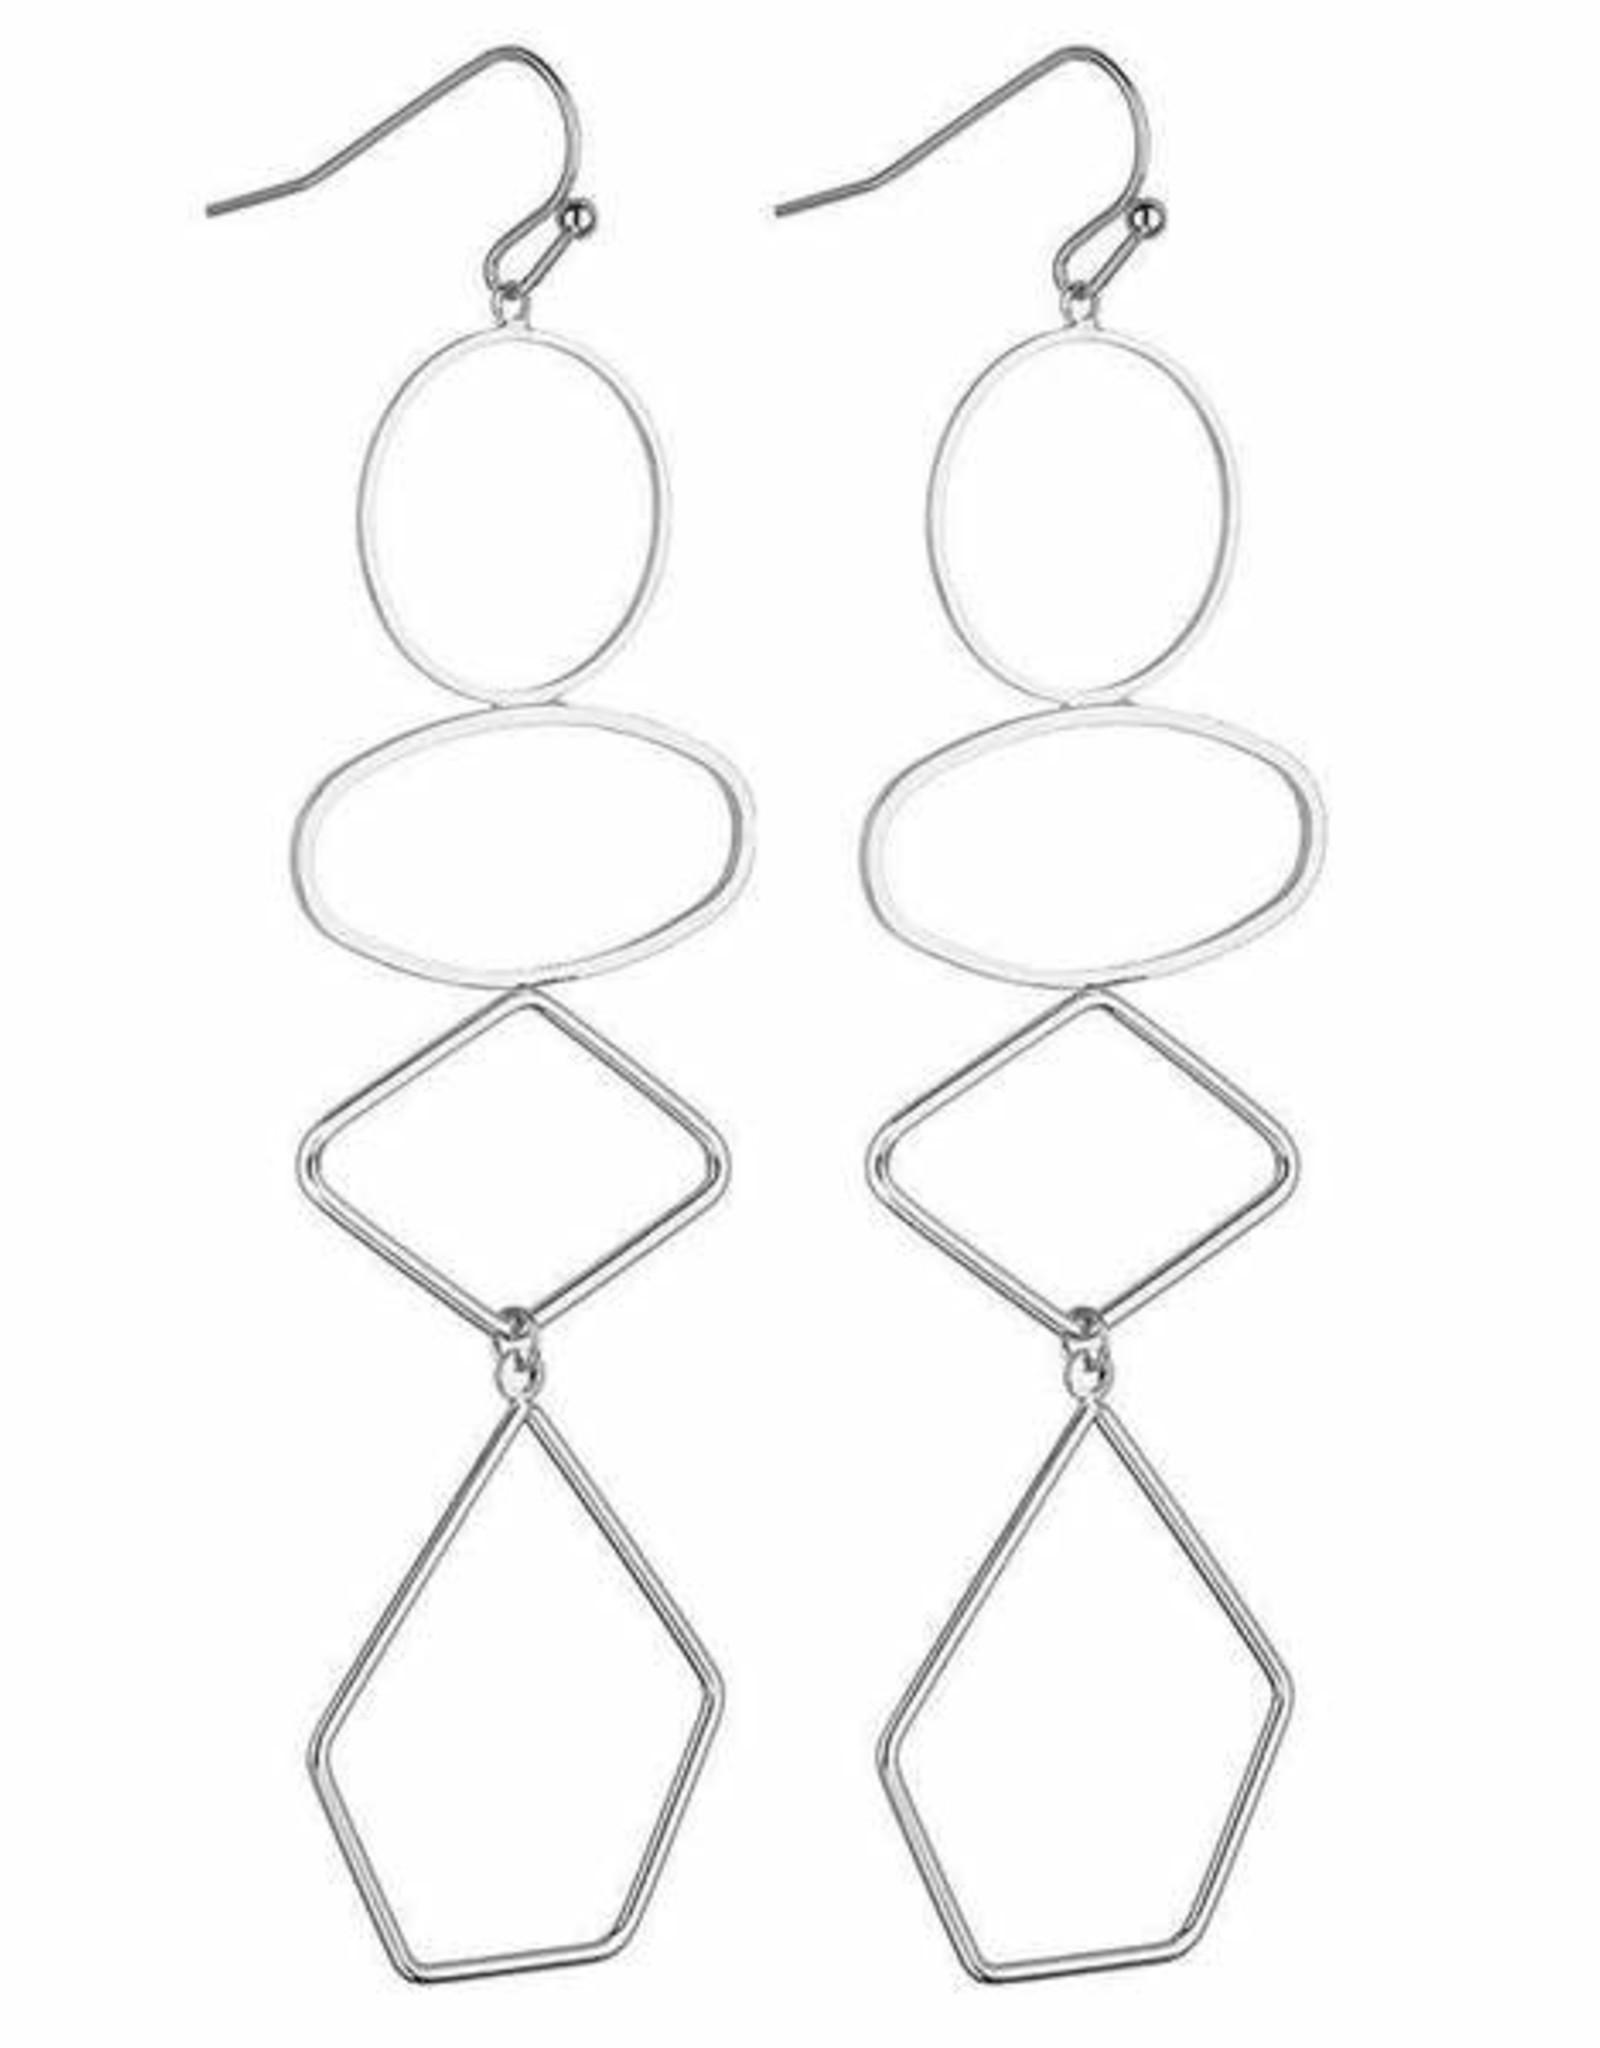 Lorna Geometric Earrings -Silver